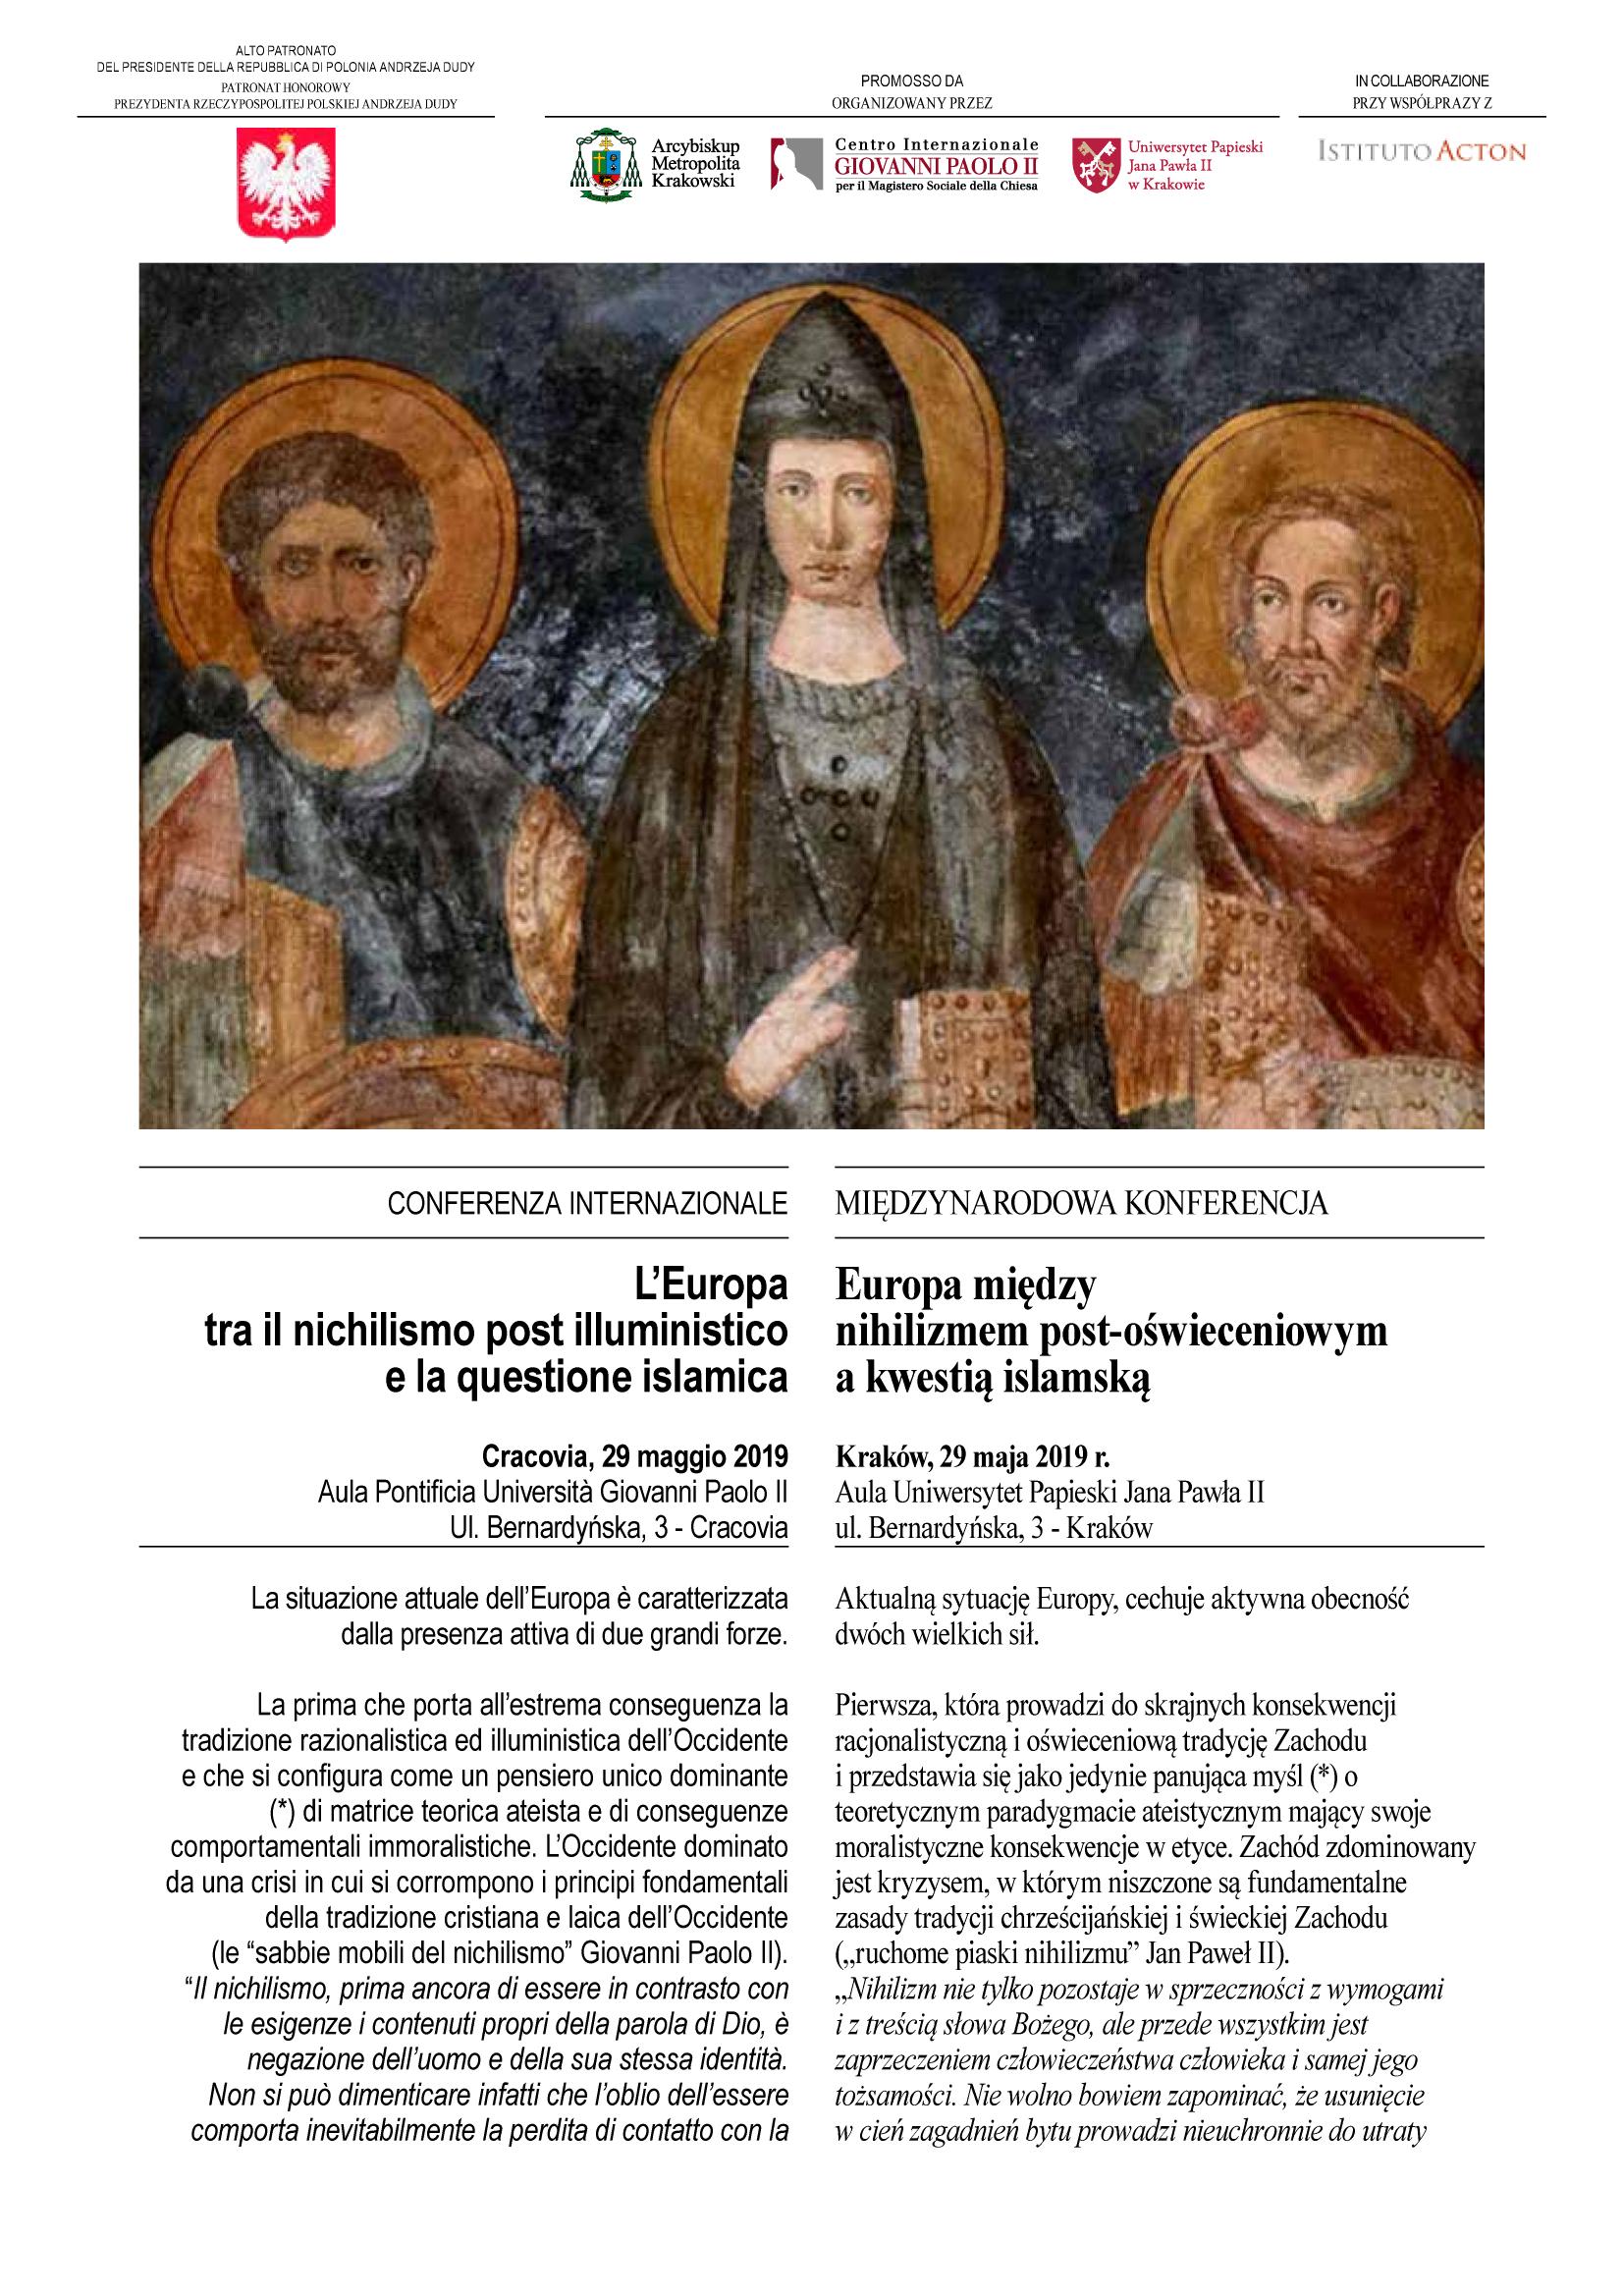 """Konferencja """"Europa między nihilizmem post-oświeceniowym a kwestią islamską"""